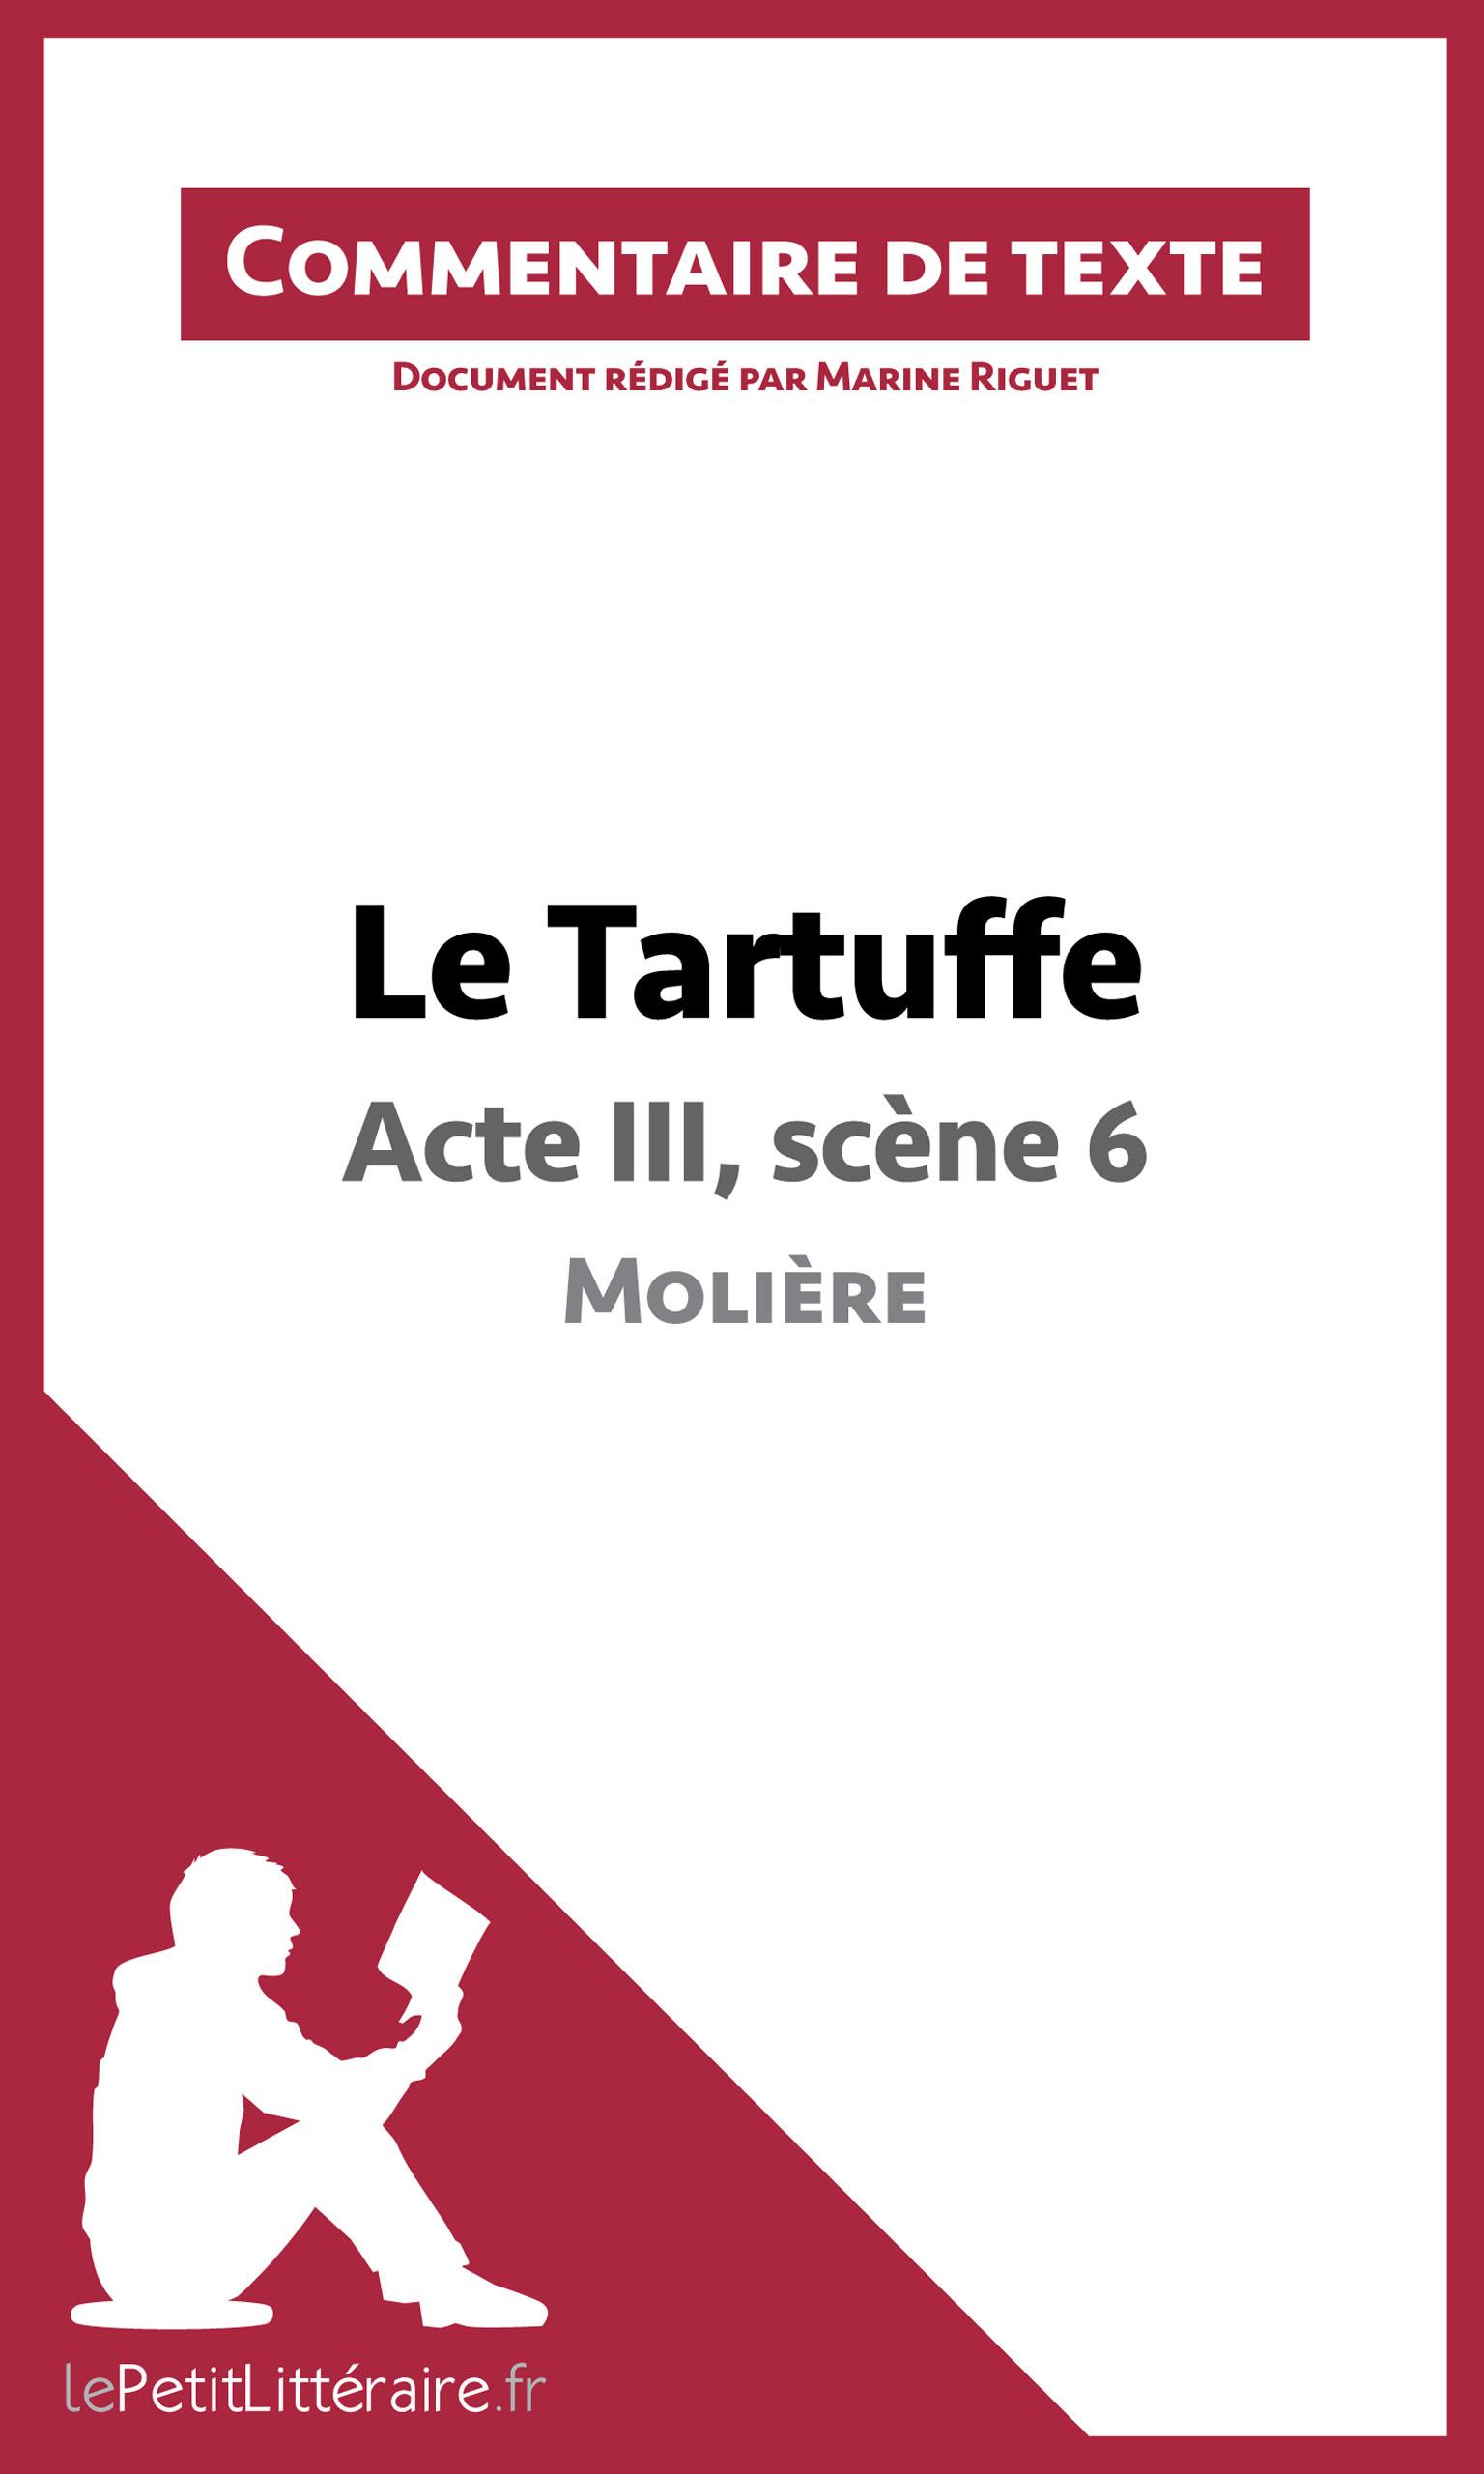 La scène 6 de l'acte III